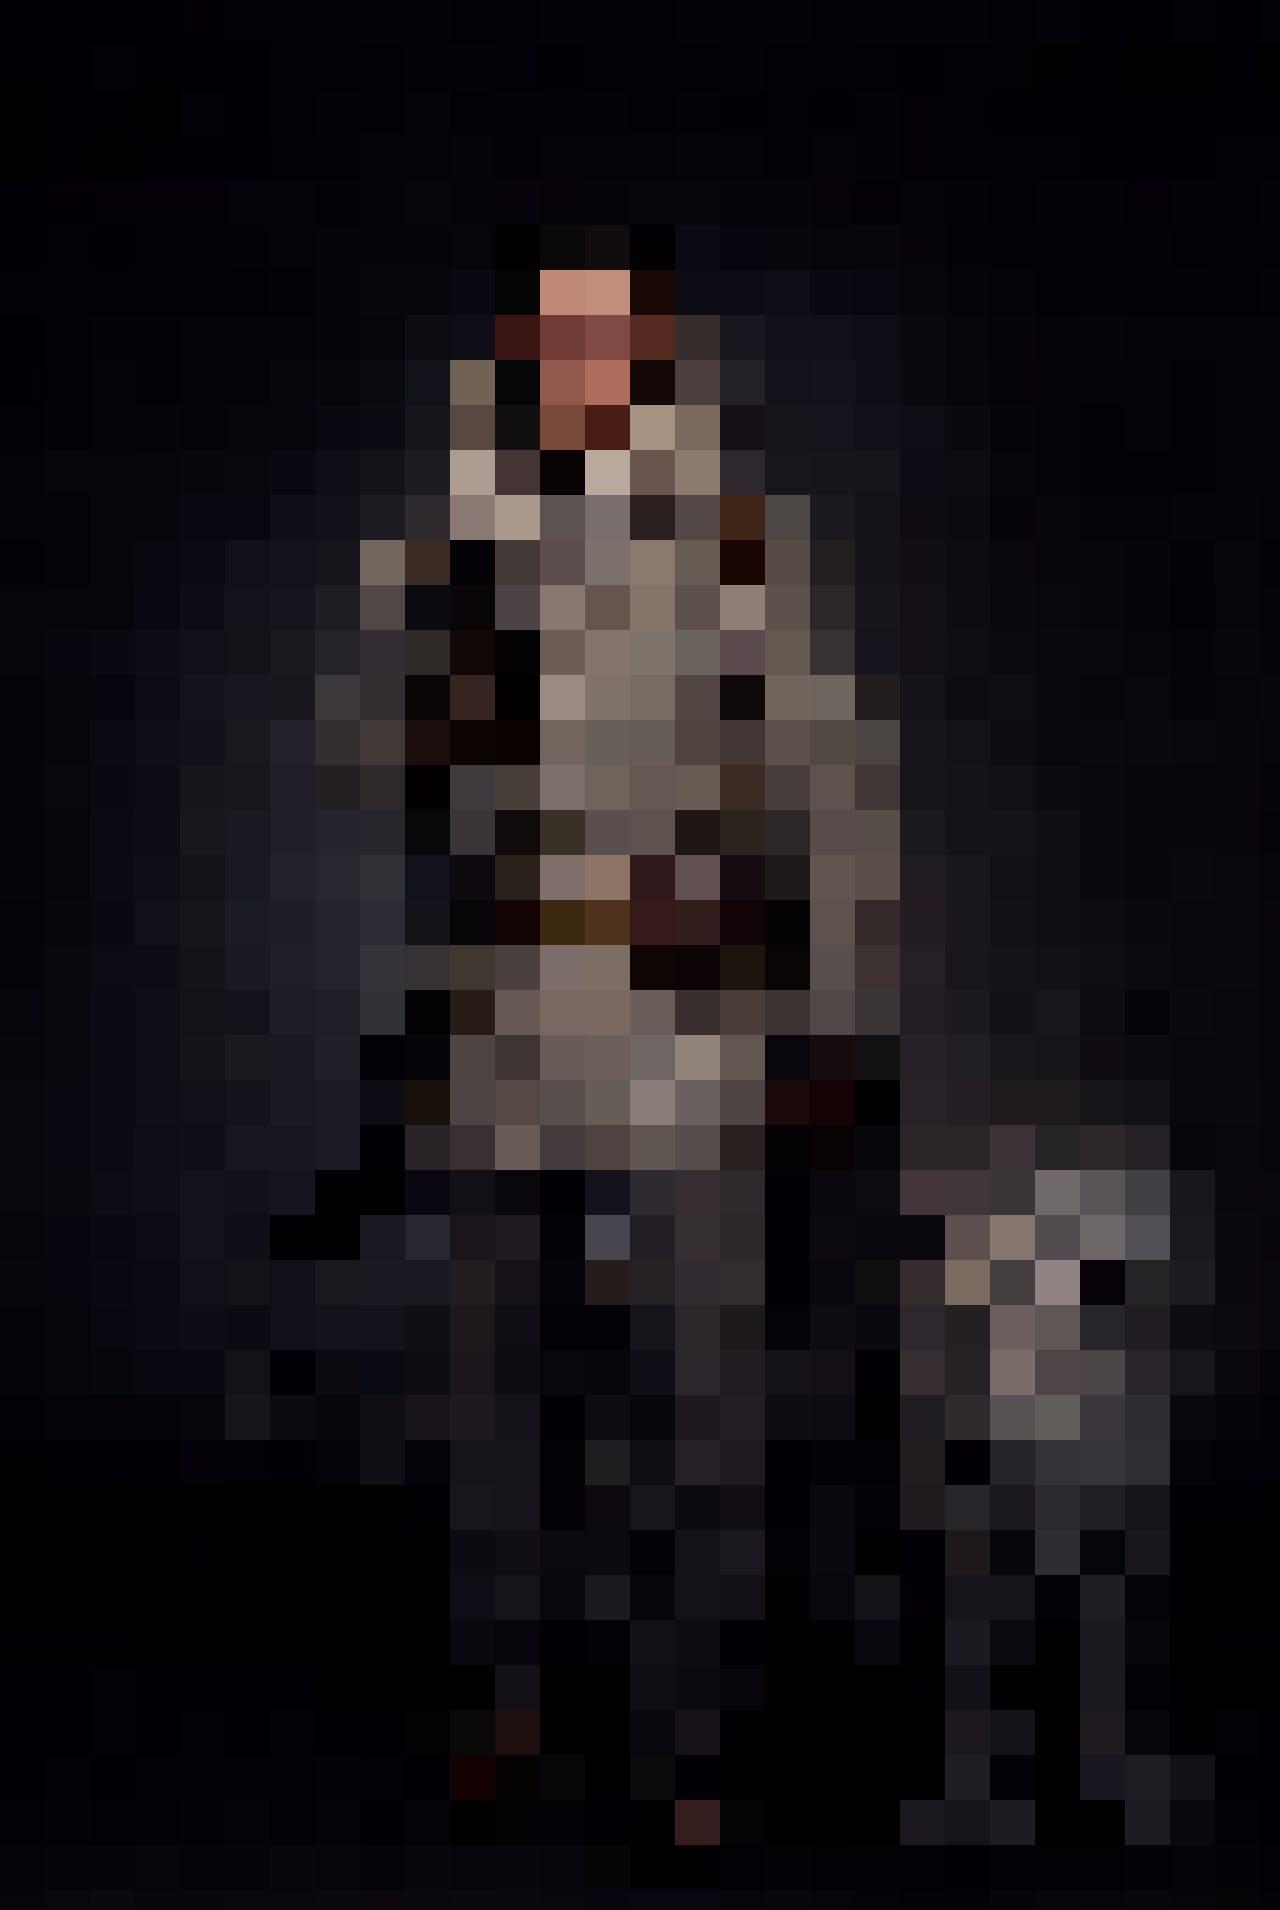 Die Seele von Lord Asriel (James McAvoy) offenbart sich als Schneeleopard.